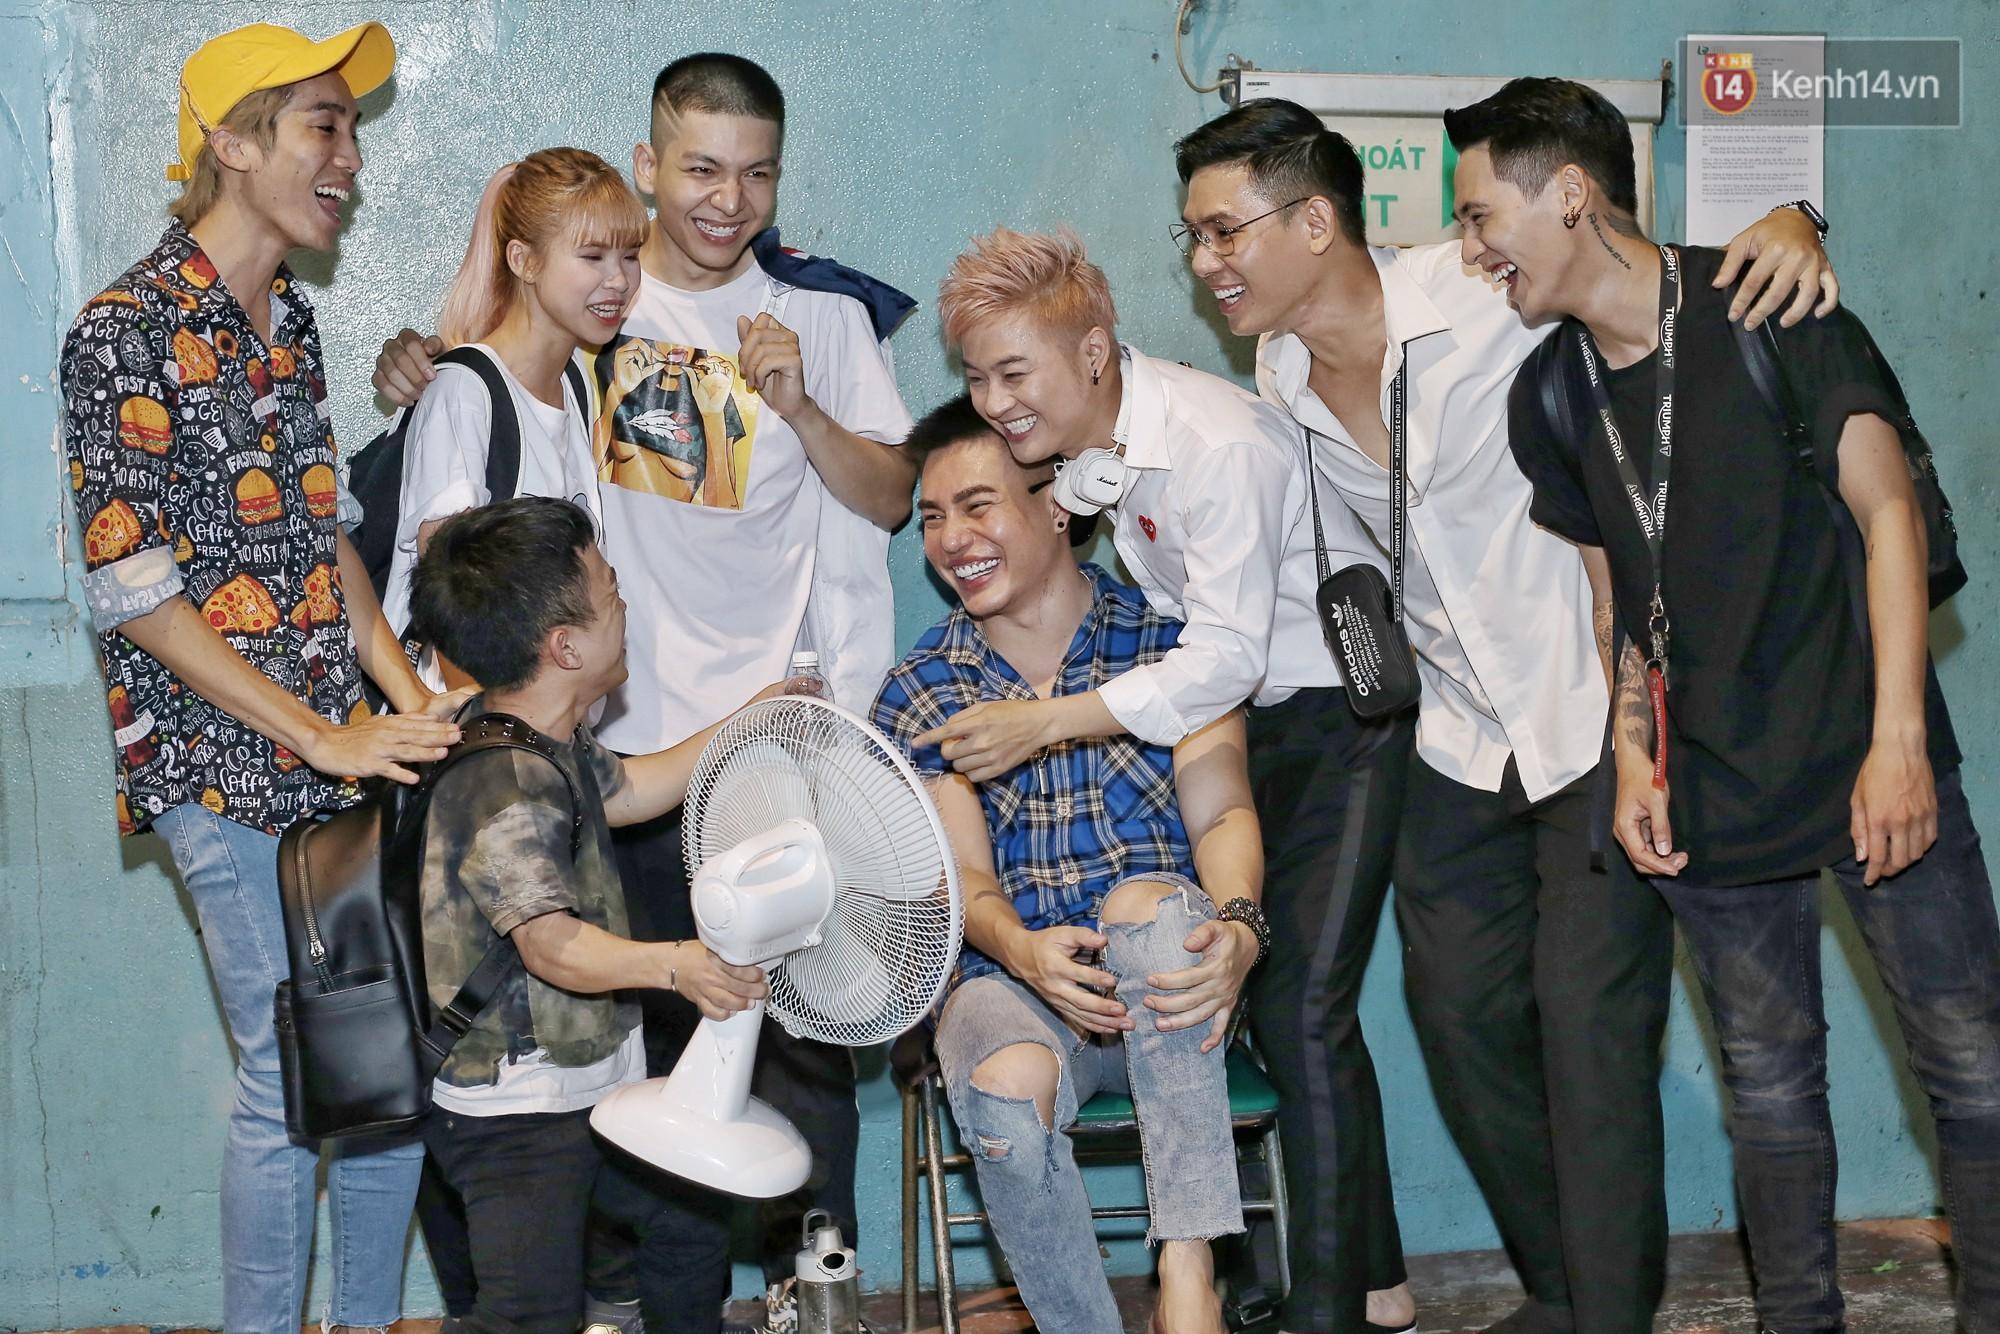 Hoài Lâm chính thức lộ diện sau nửa năm giải nghệ, cùng vợ chồng Khởi My tập luyện trước thềm liveshow Hoài Linh - Ảnh 6.